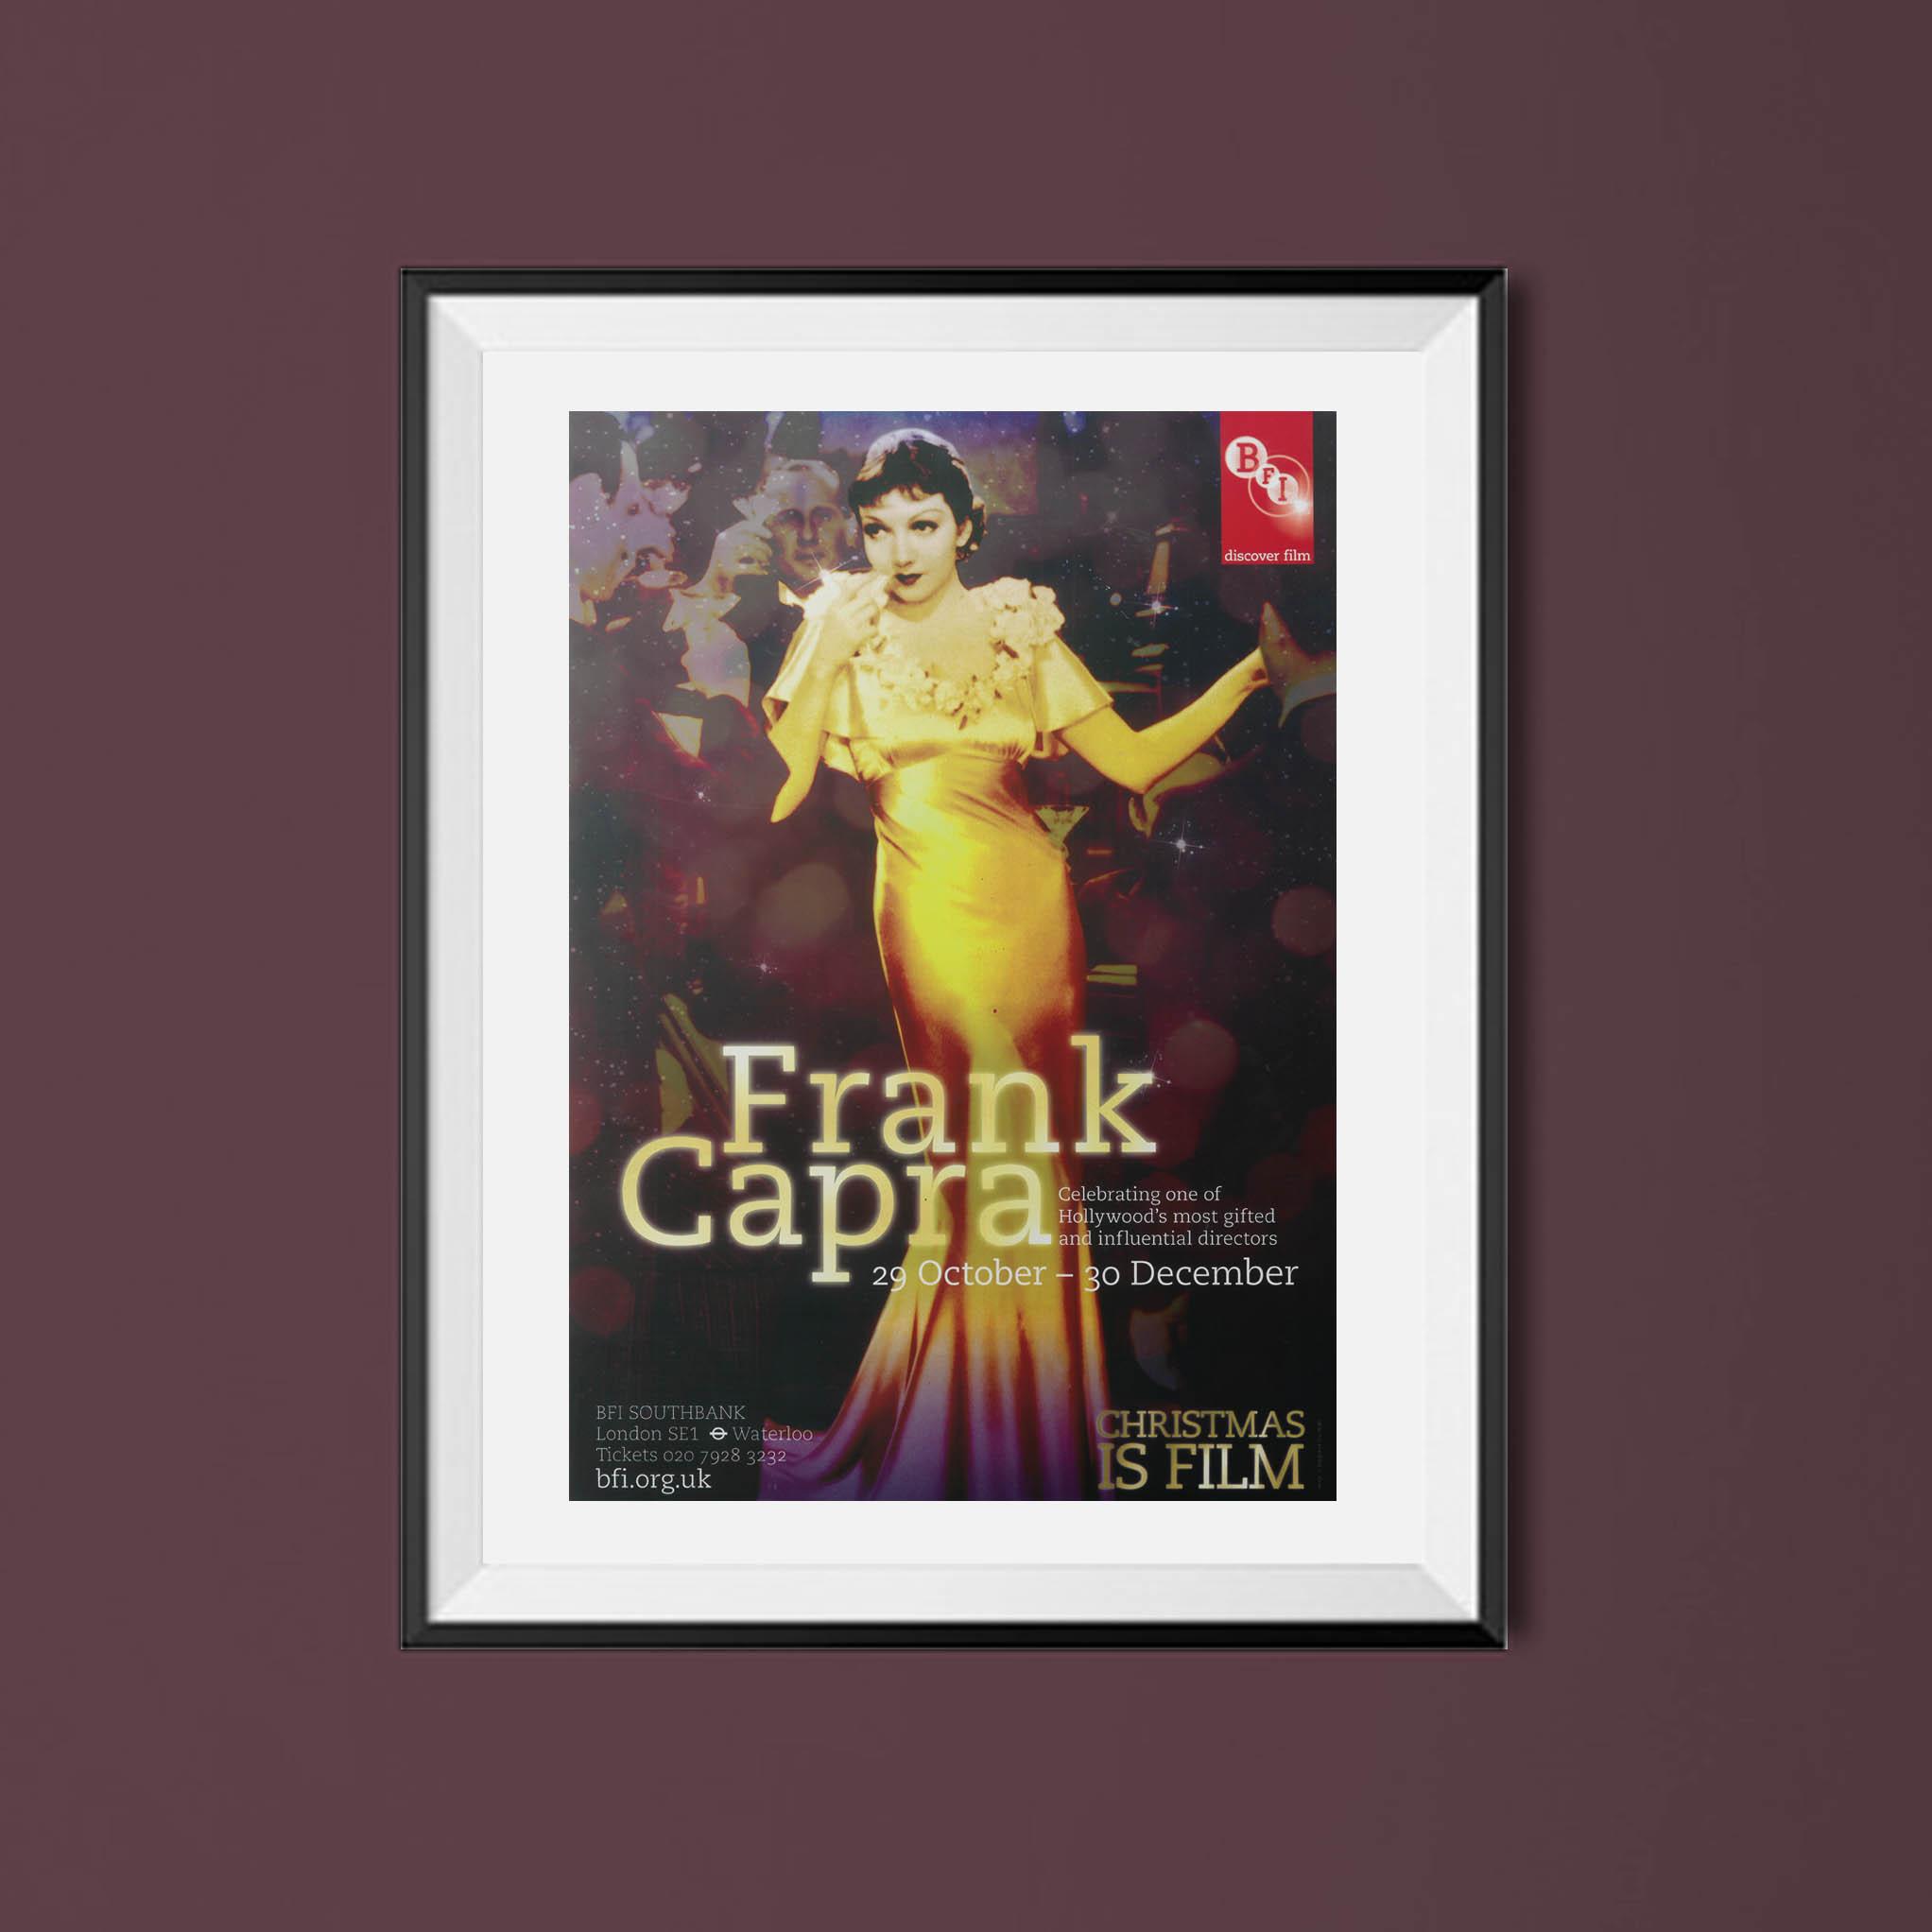 Buy Frank Capra BFI season poster